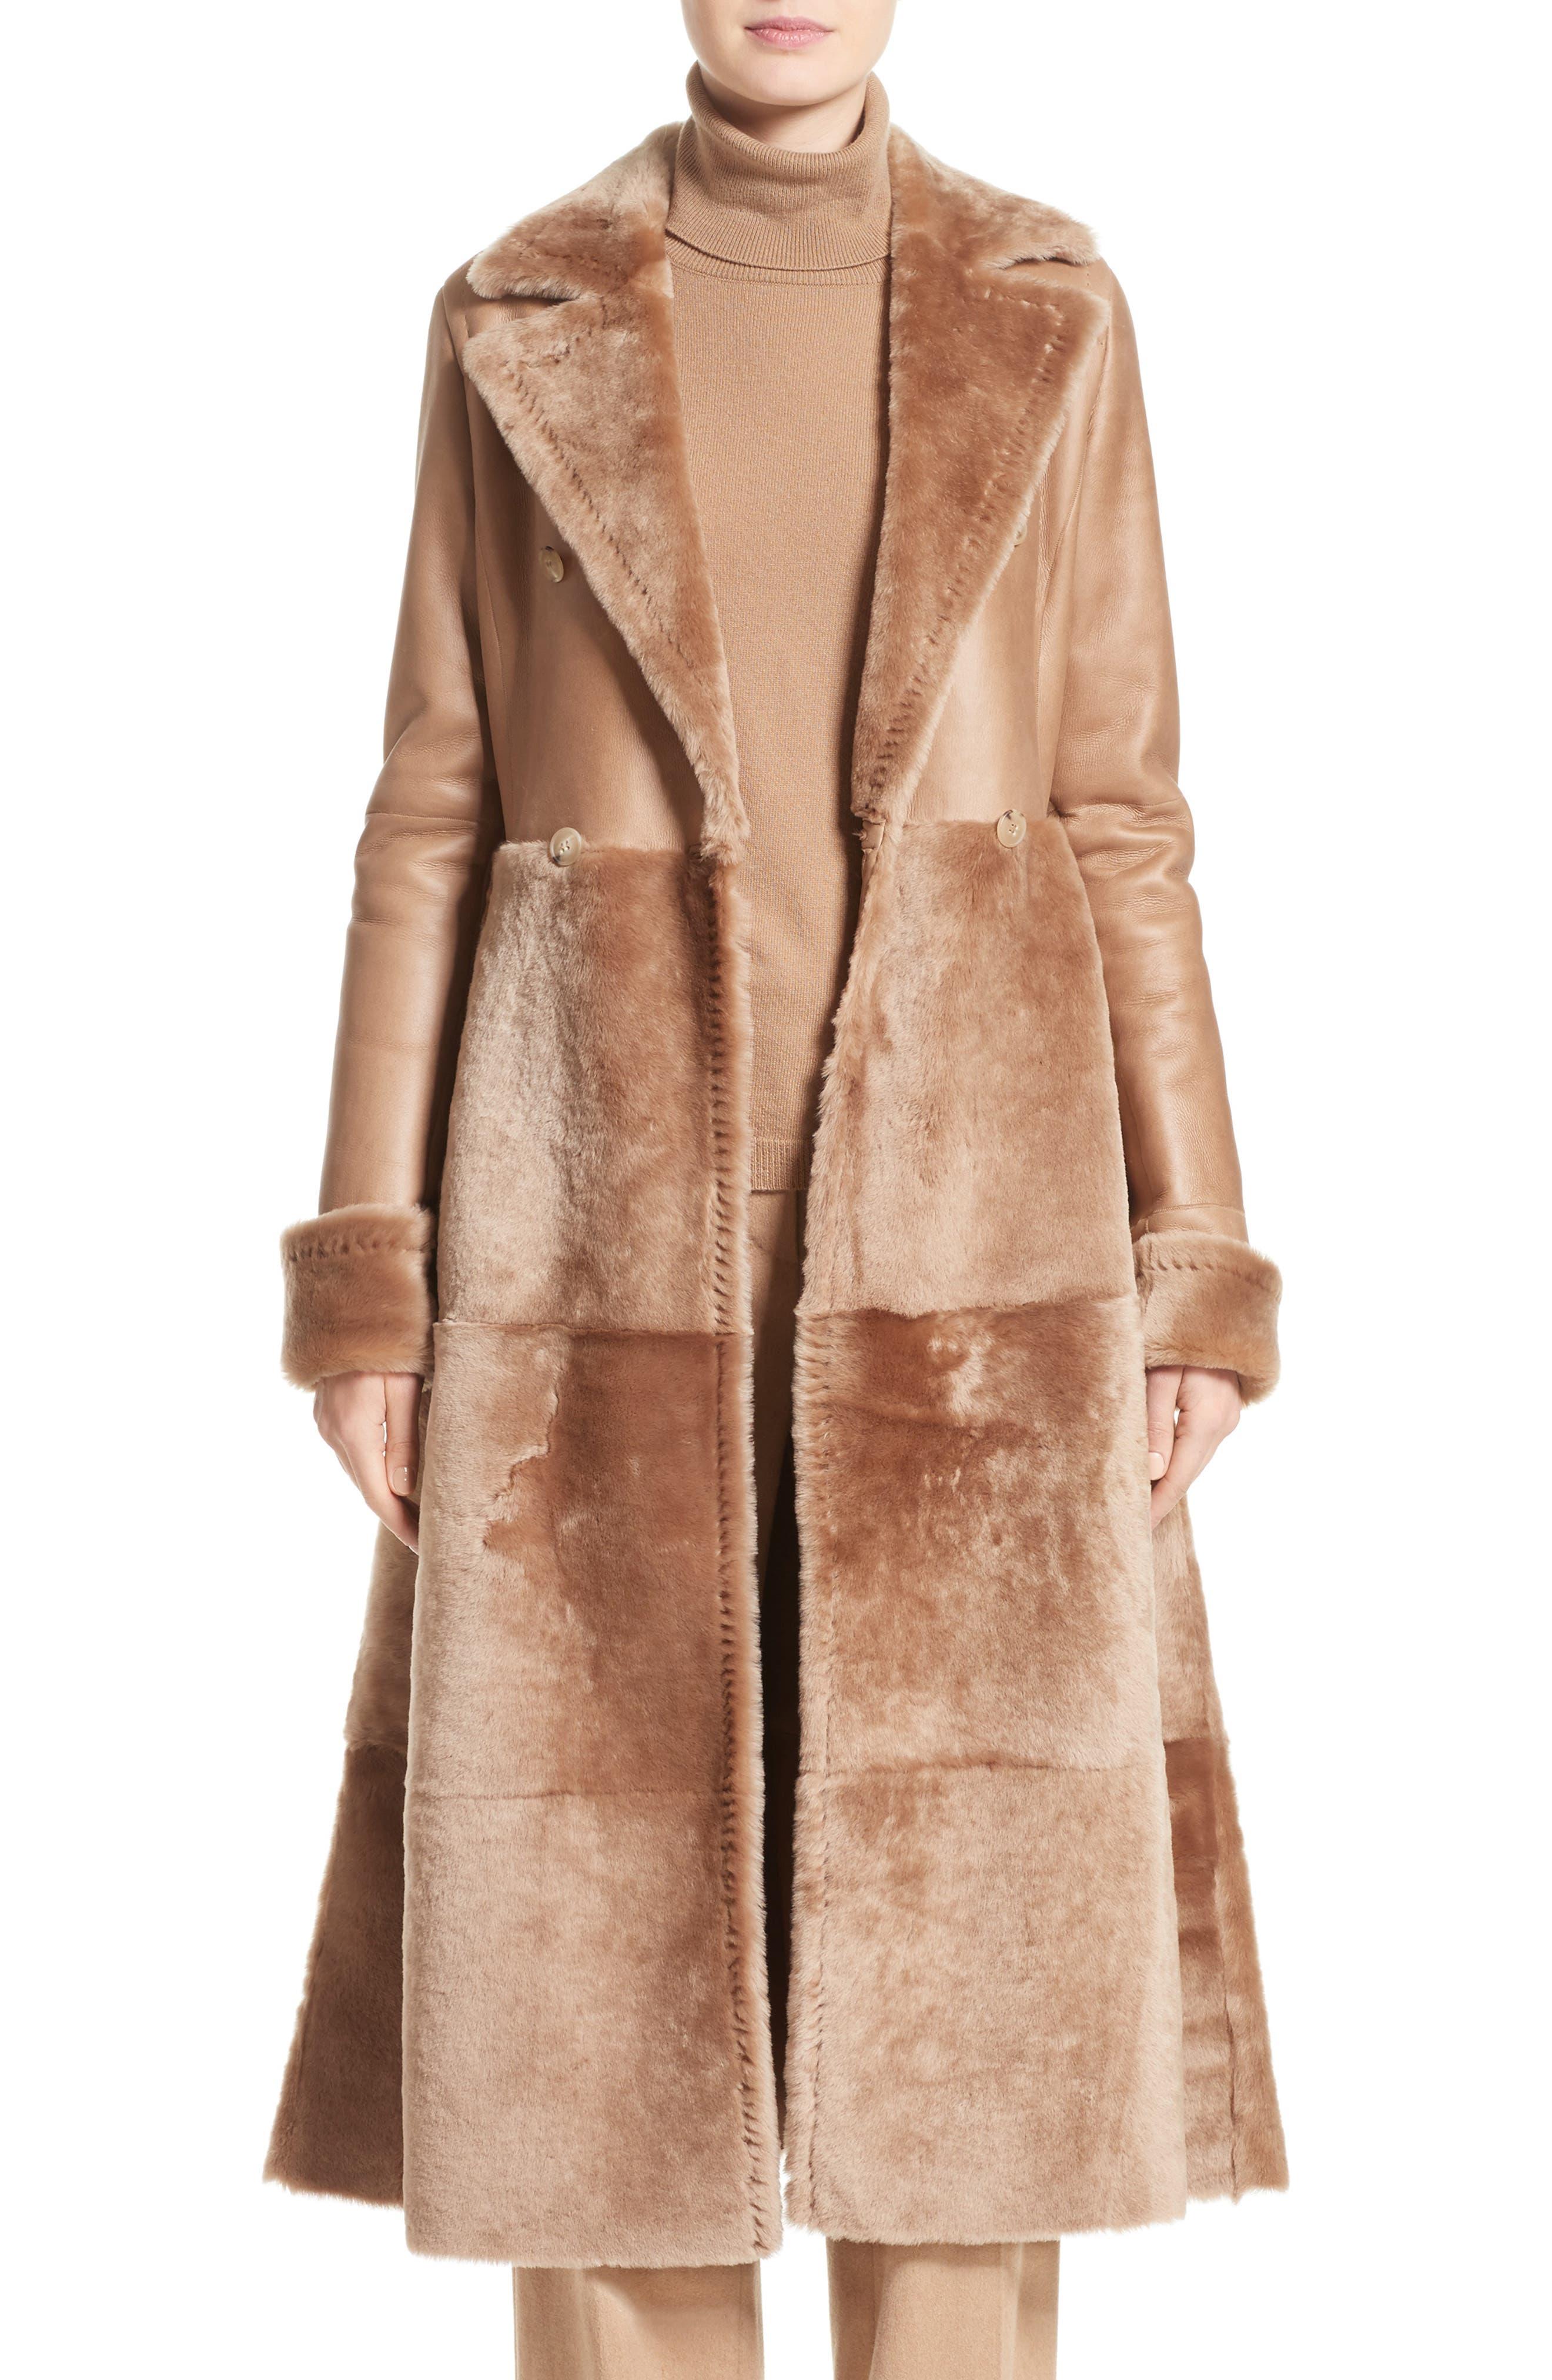 Rimini Genuine Shearling Coat,                         Main,                         color, CAMEL